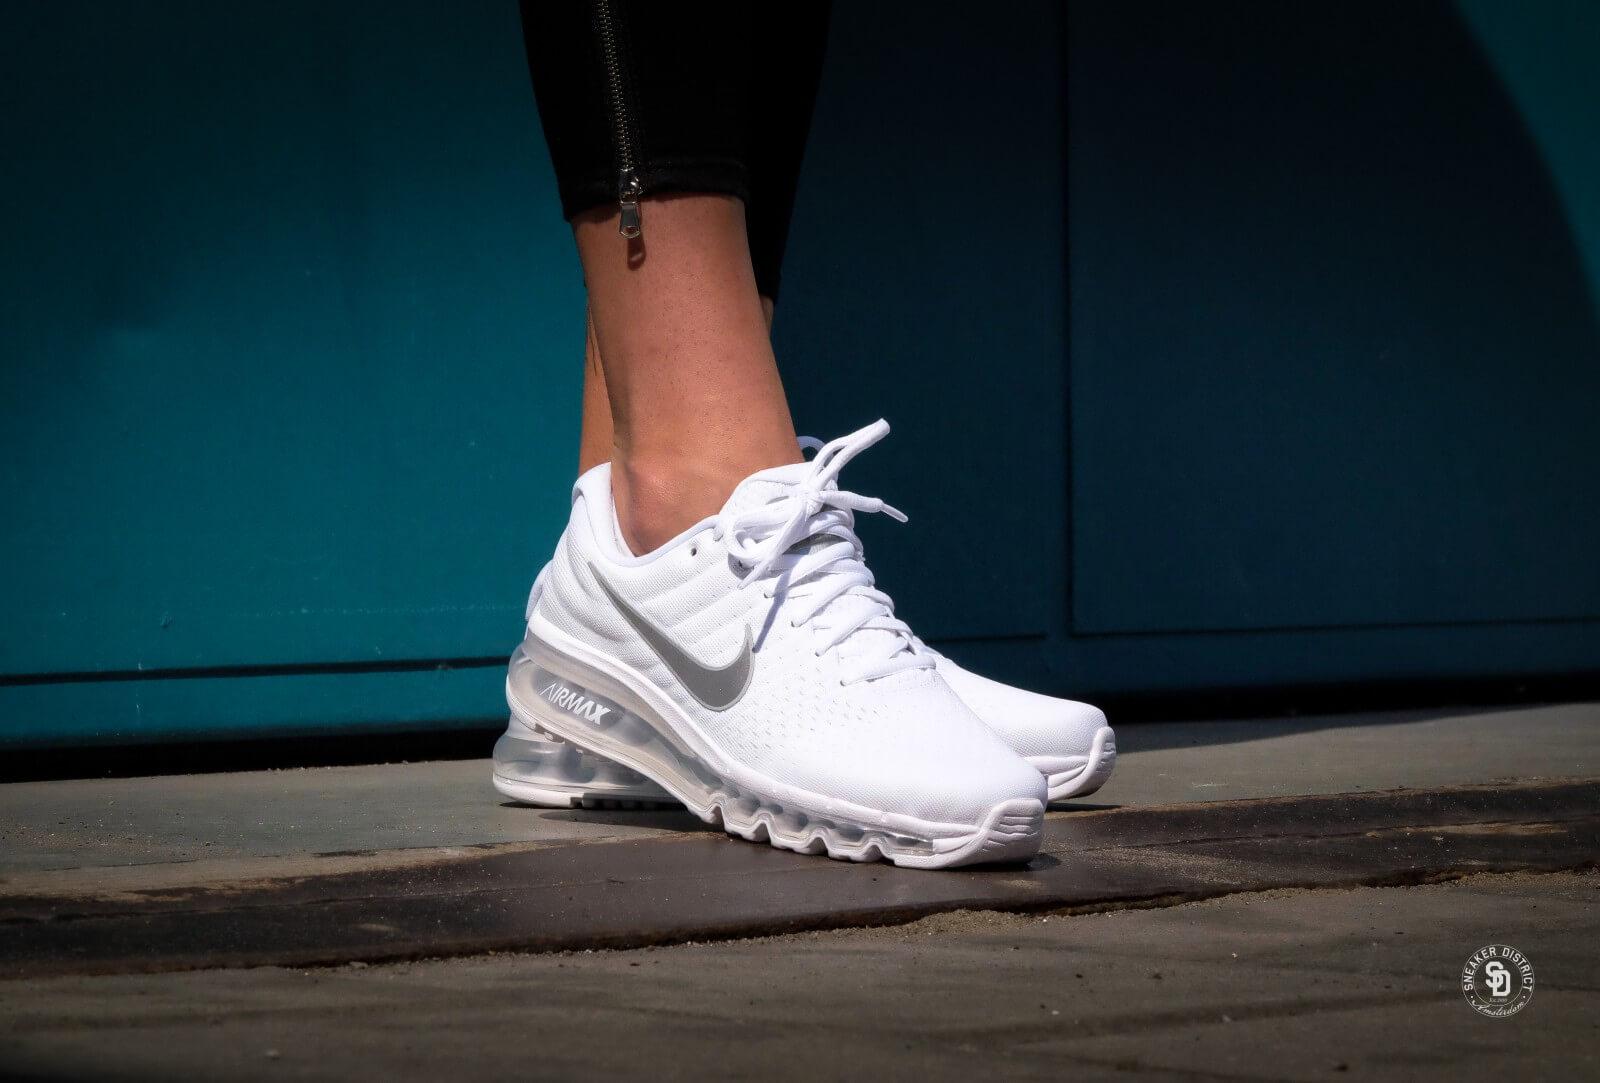 Air Max 2017 Nike Air Max 2017 (GS) White/Metallic Silver - 851622-100